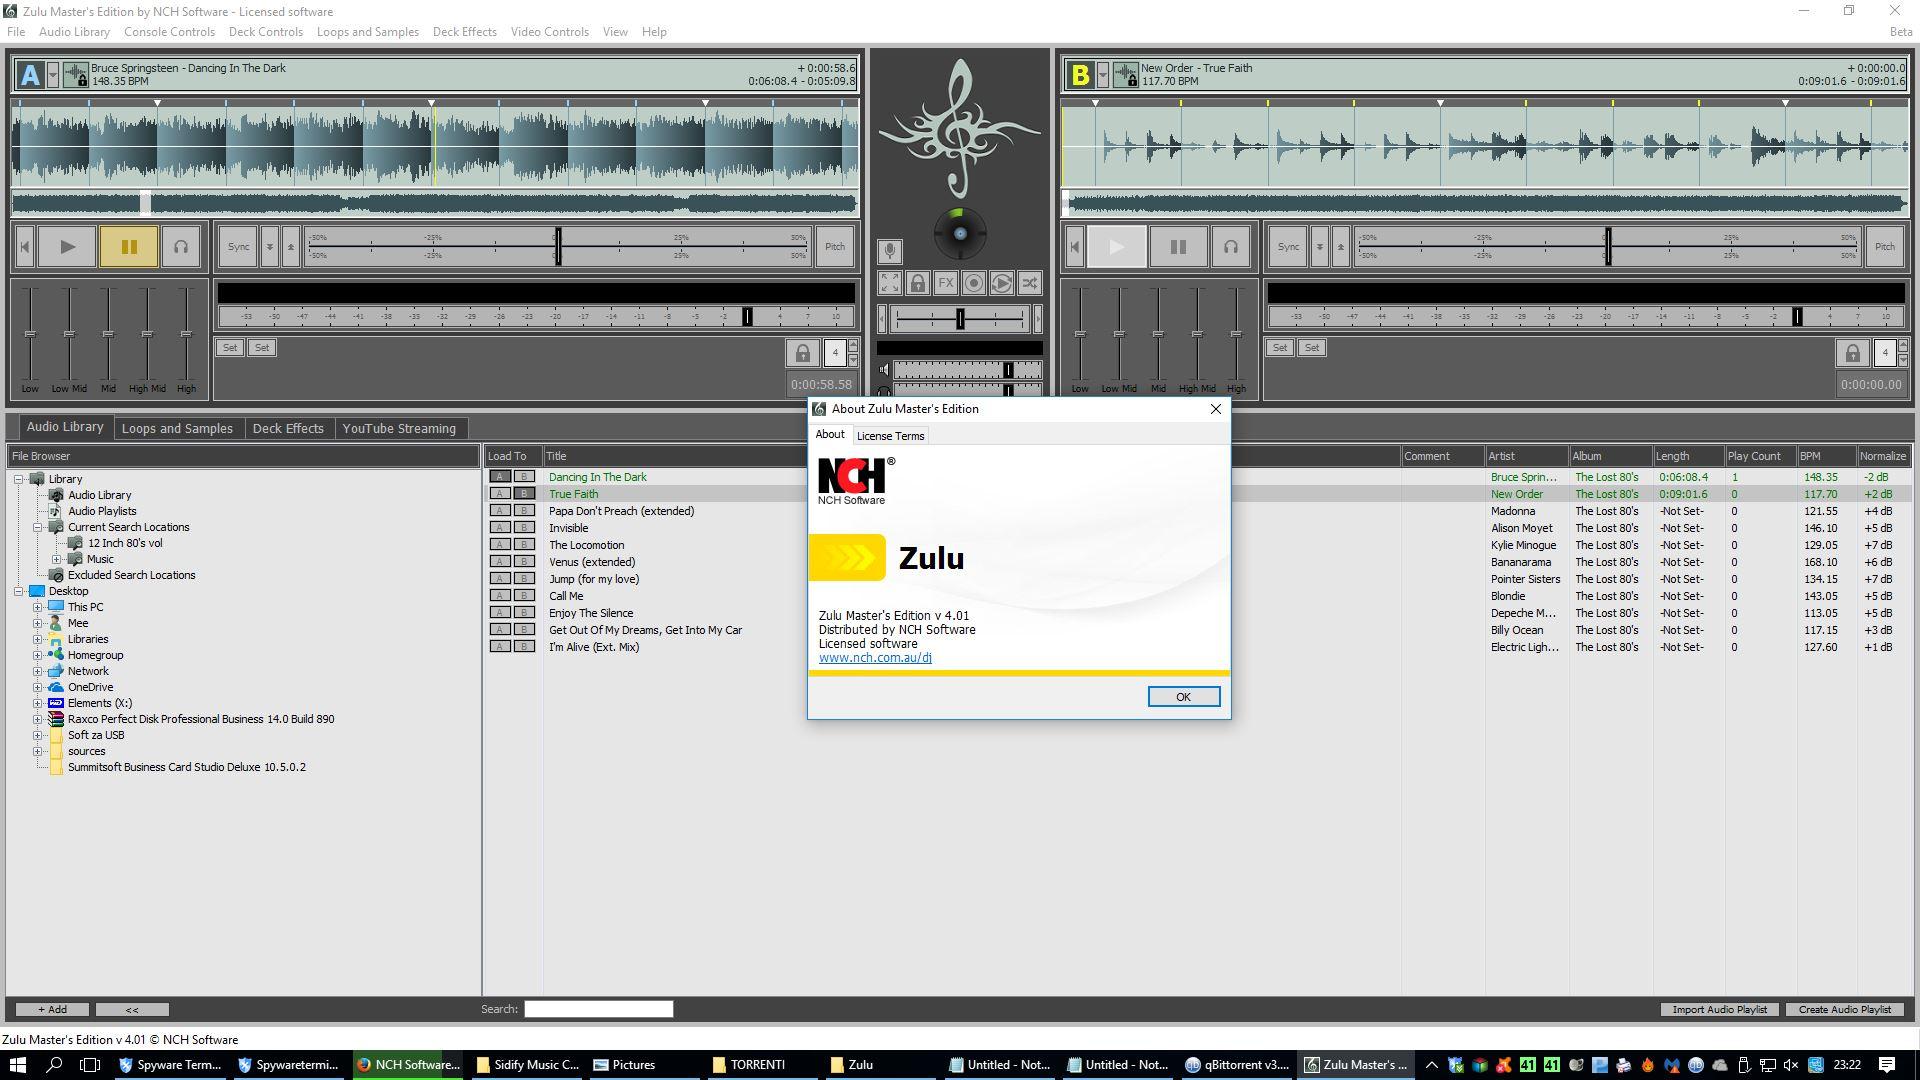 zulu dj software crack torrent